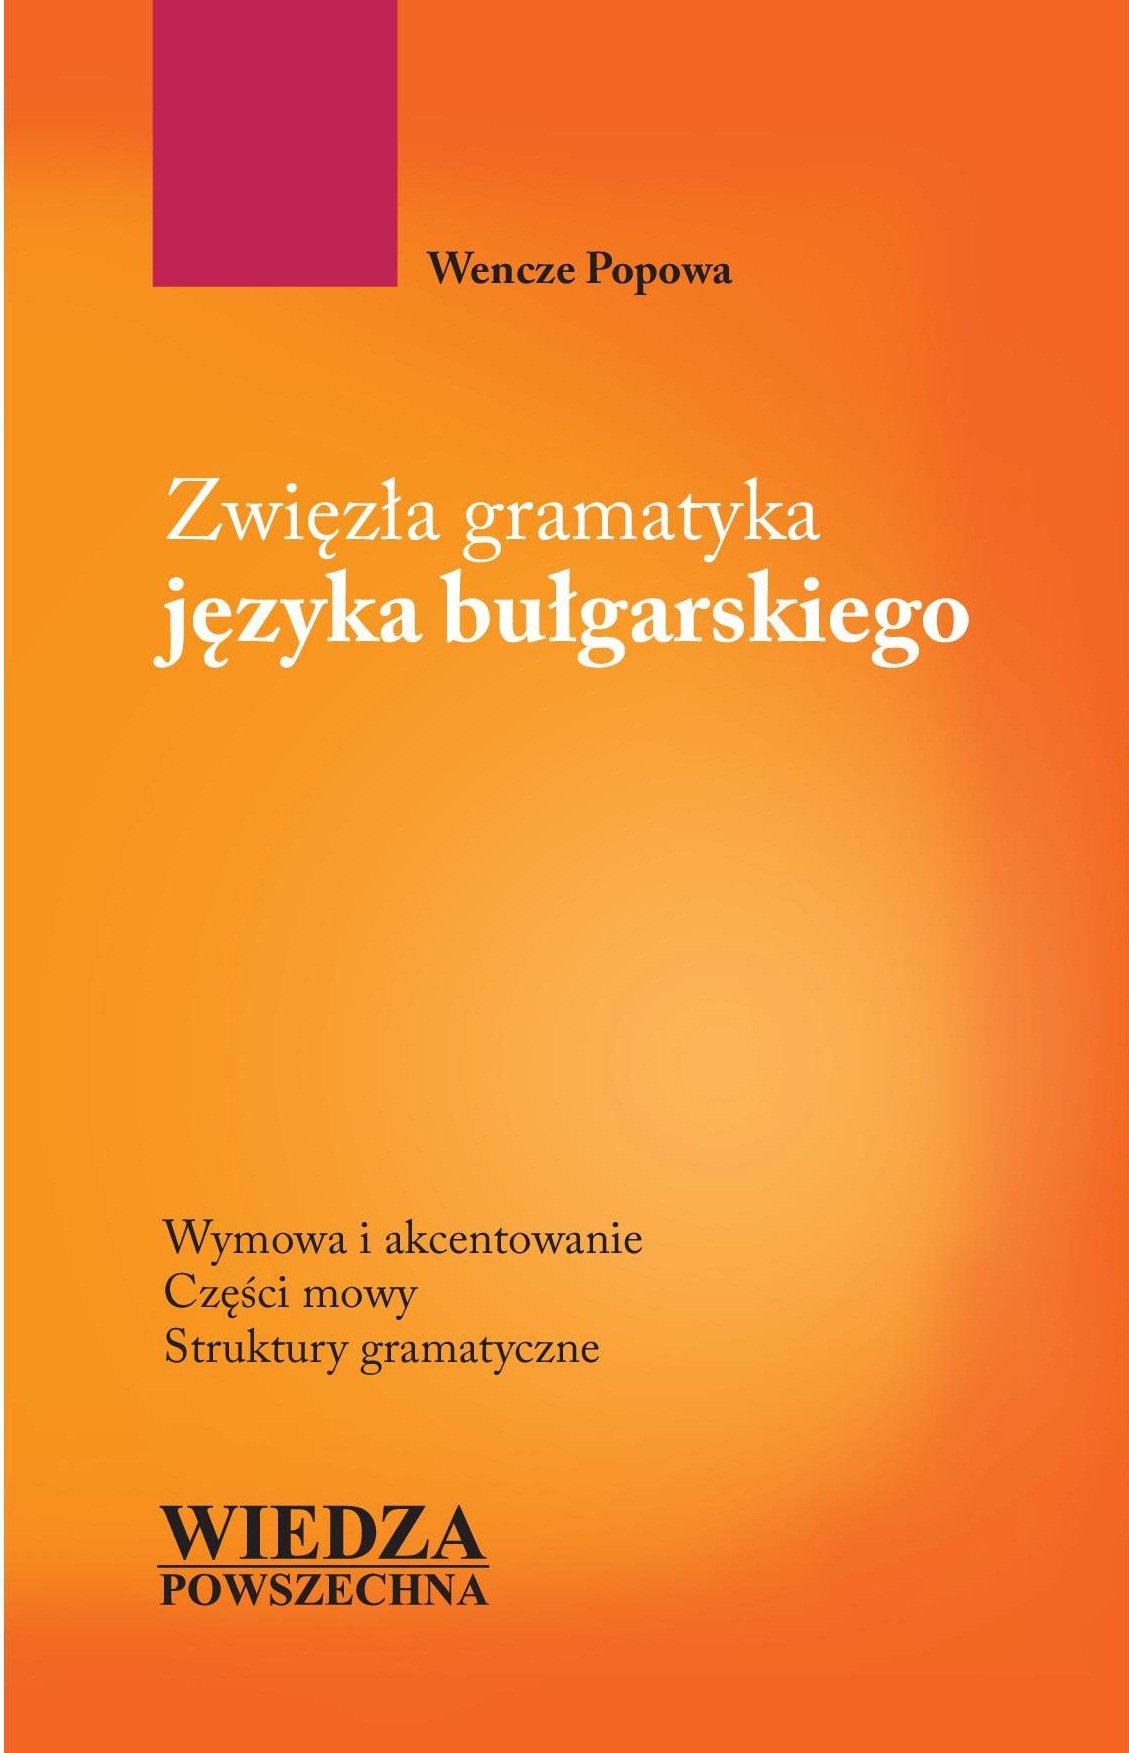 Zwięzła gramatyka języka bułgarskiego - Ebook (Książka PDF) do pobrania w formacie PDF